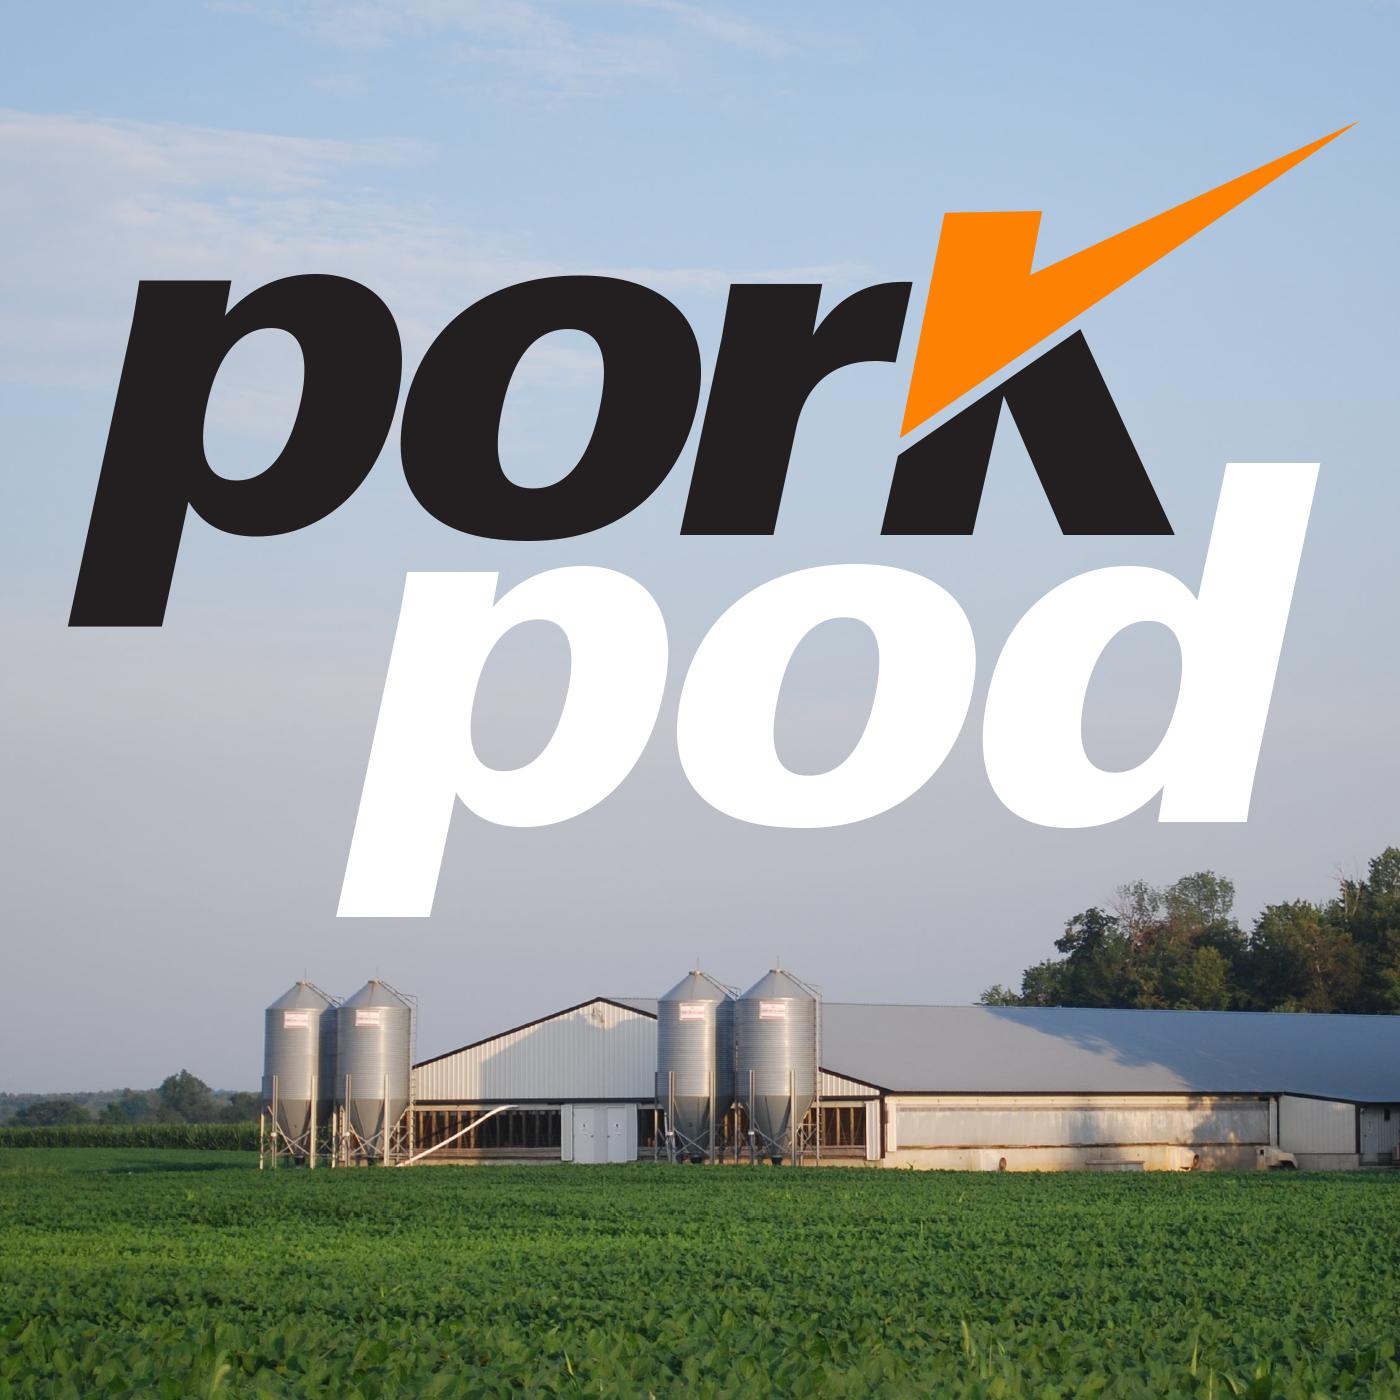 PorkPod